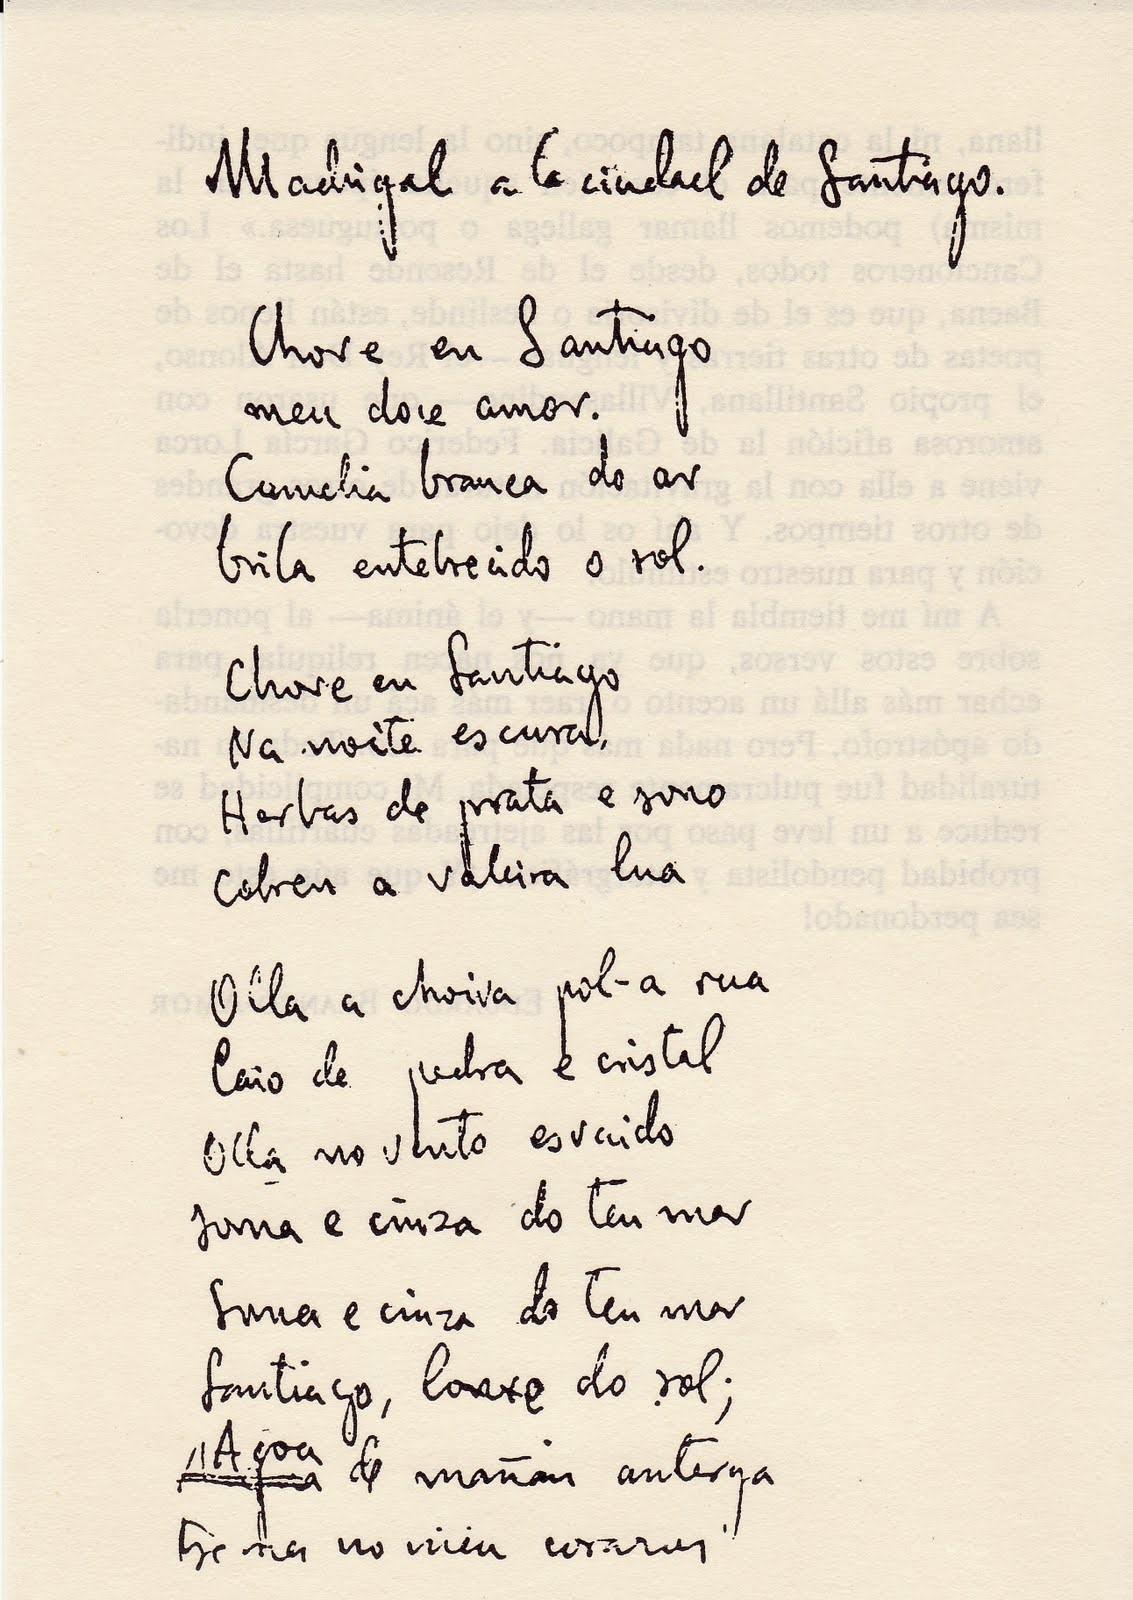 Madrigal a la ciudad de Santiago. Autógrafo de 1932 de Federico García Lorca.